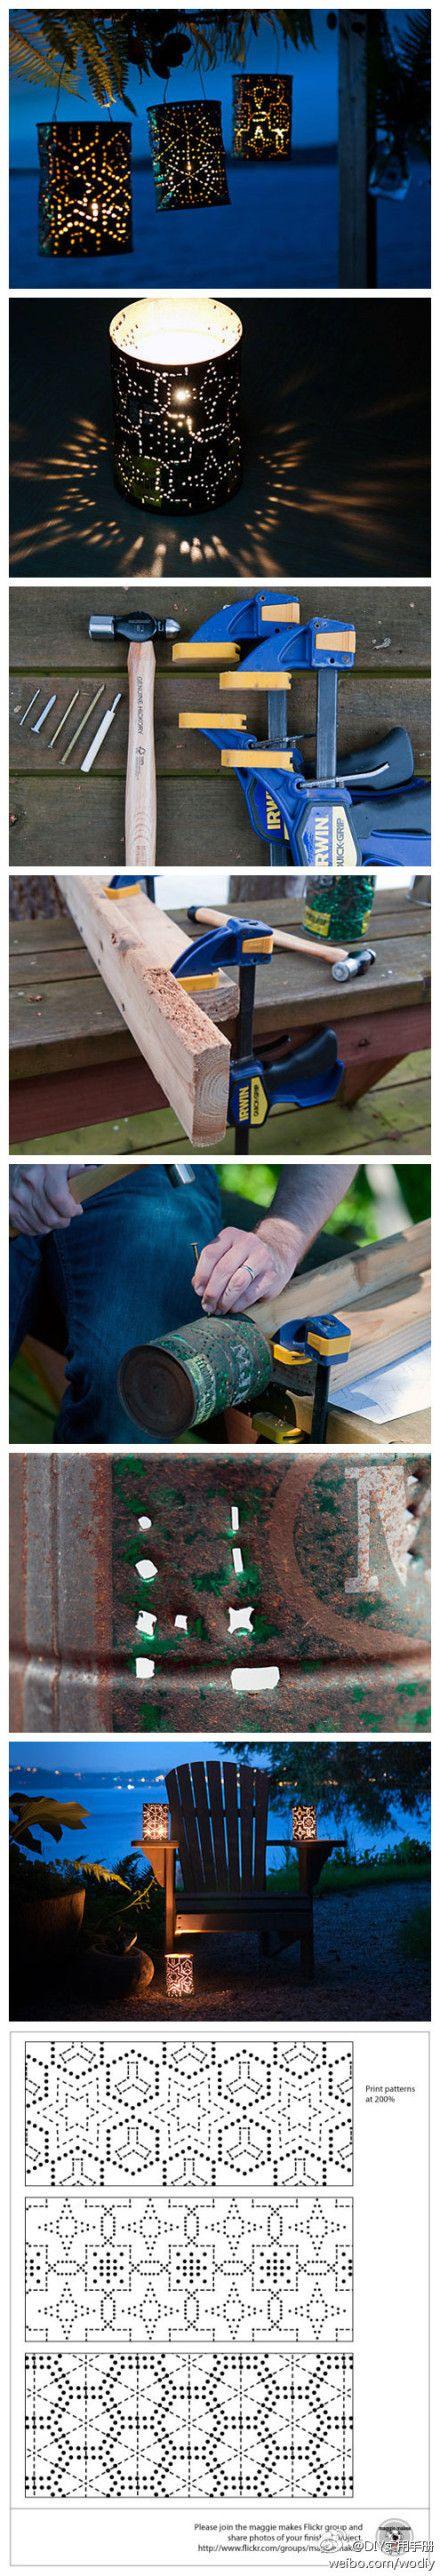 Infográfico: Cómo hacer una lámpara con latas de metal reciclada. En la siguiente imagen, paso a paso, puedes aprender cómo hacer una lámpara con latas recicladas. Sabiendo los pasos tu puedes elaborar tus propios diseños y decorar tu patio, jardín o interiores de tu casa o departamento. Puedes colocar una vela en el interior o …